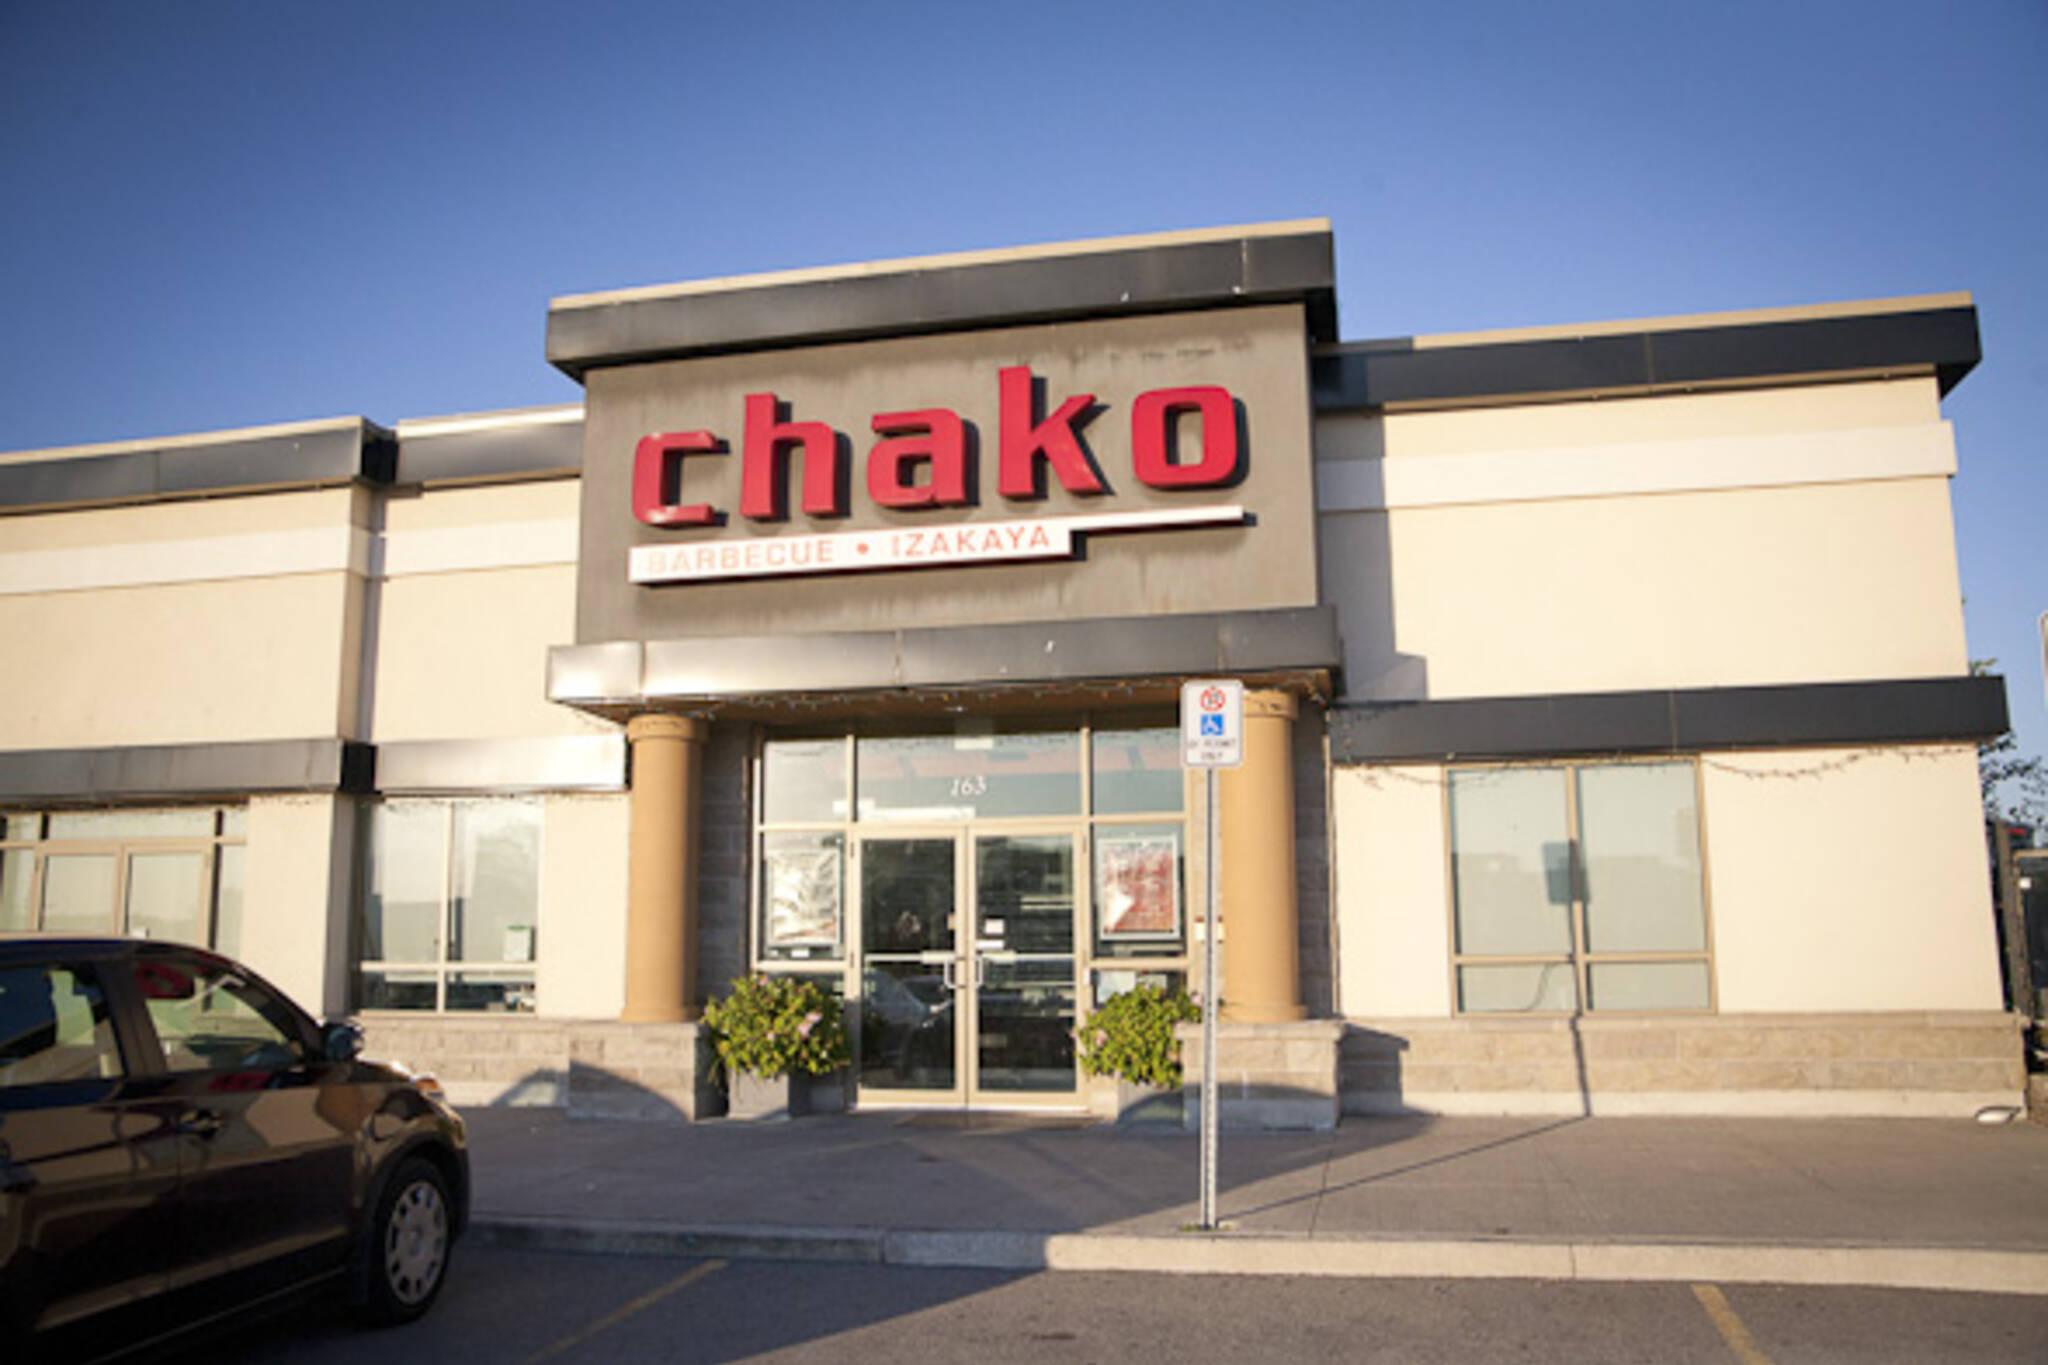 Chako Toronto